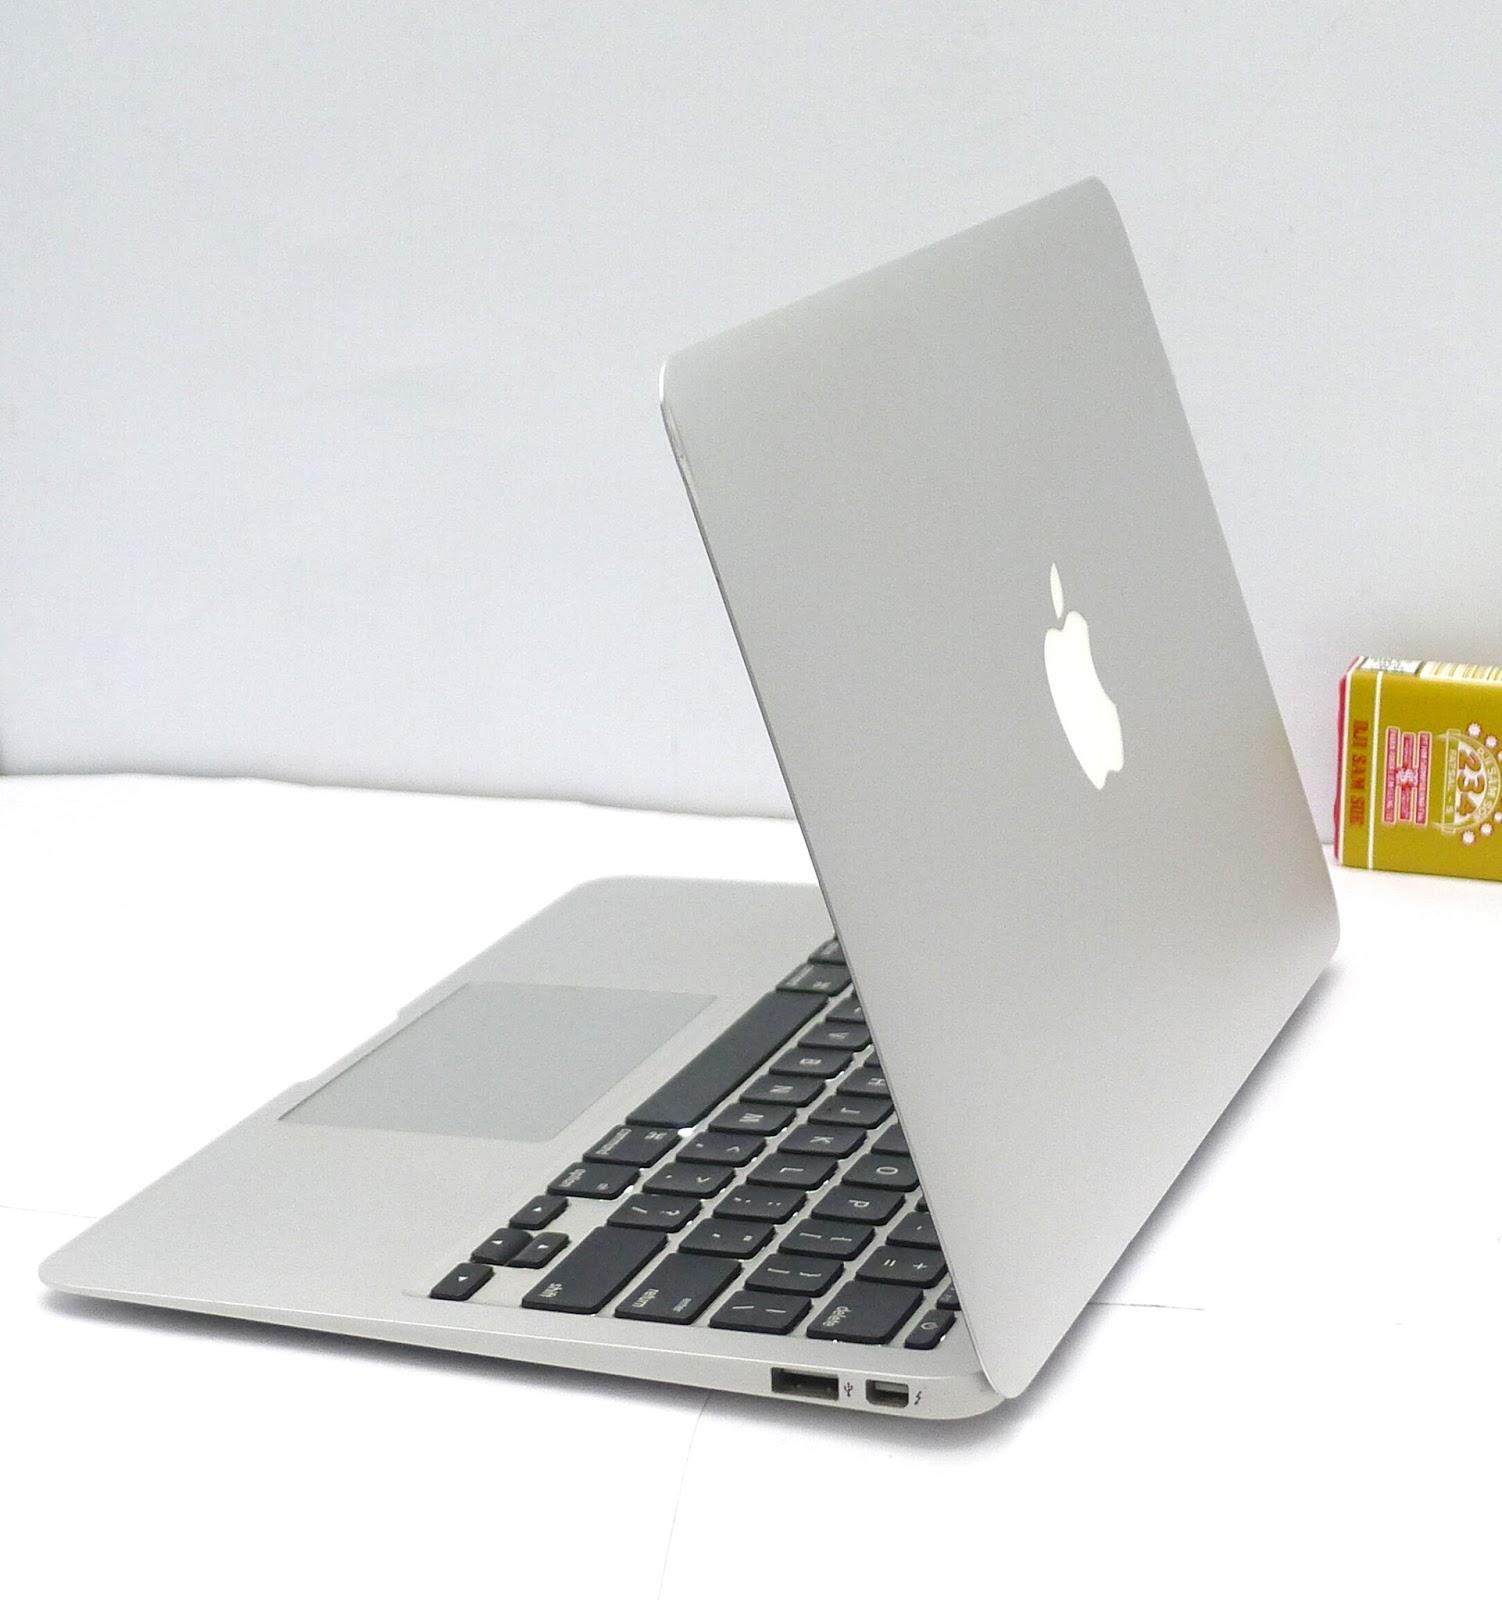 MacBook Air Core i5 (11-inch Mid 2011) Bekas | Jual Beli ...